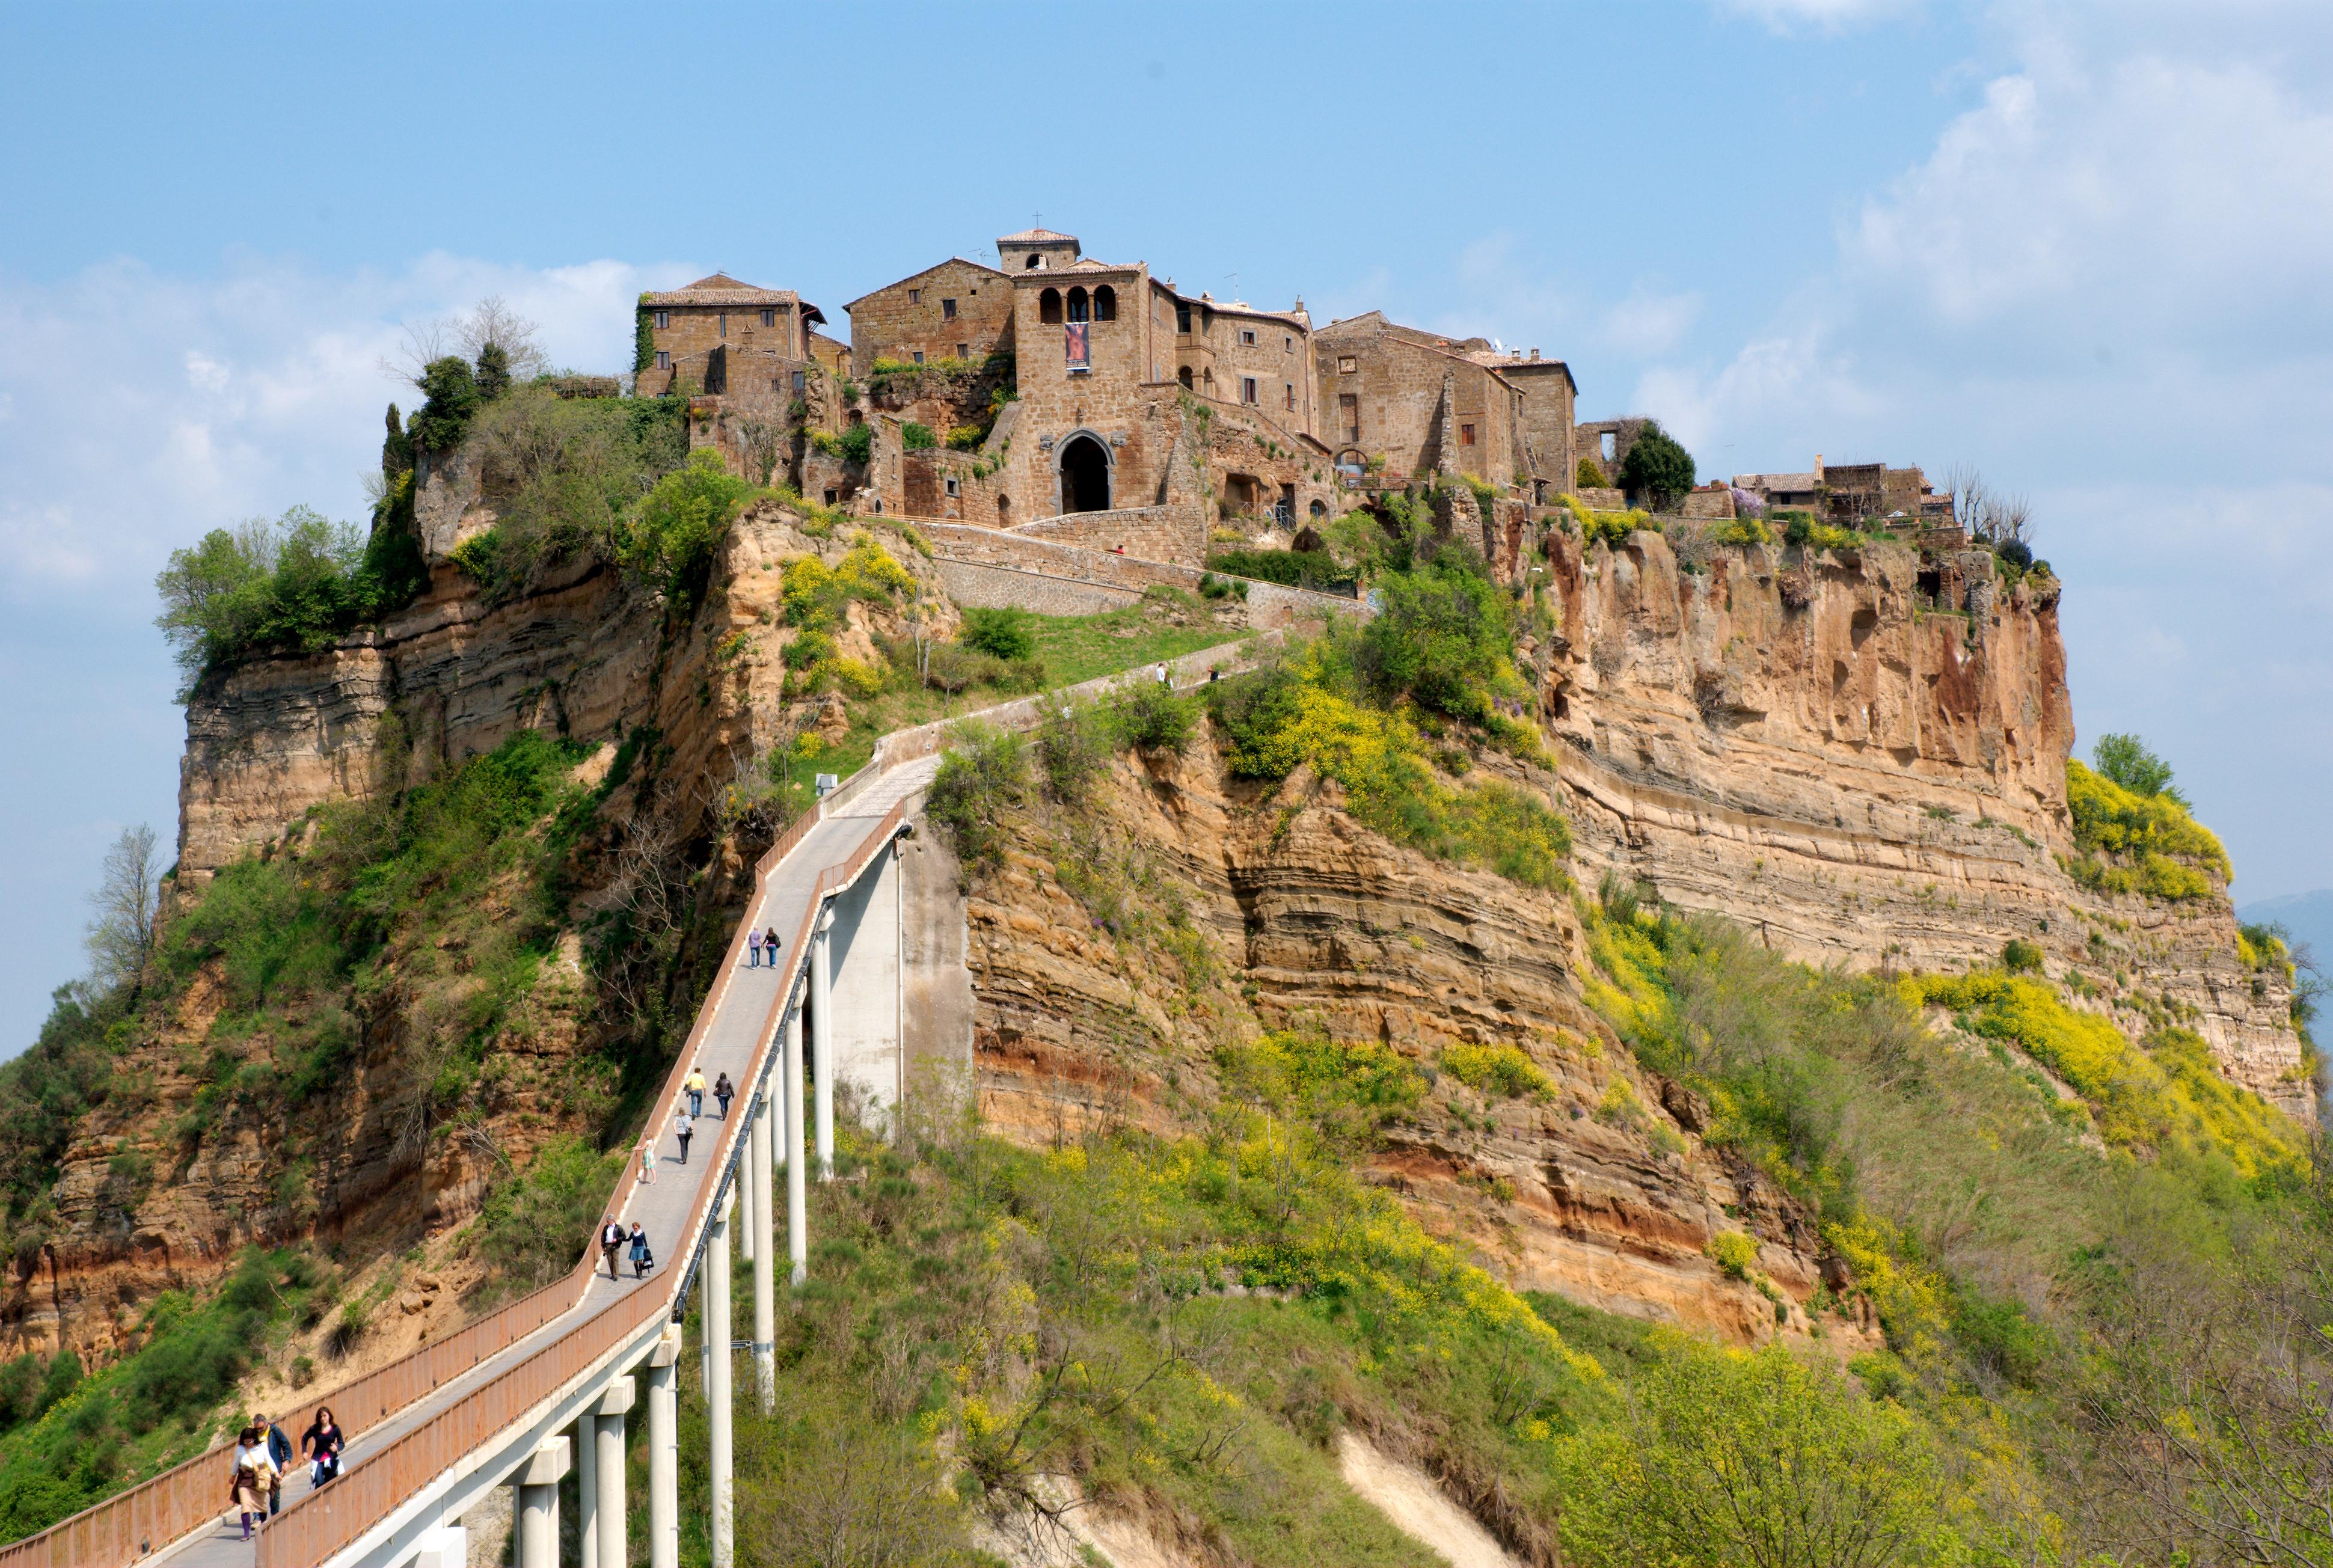 File:20090414-Cività-di-Bagnoregio.jpg - Wikimedia Commons